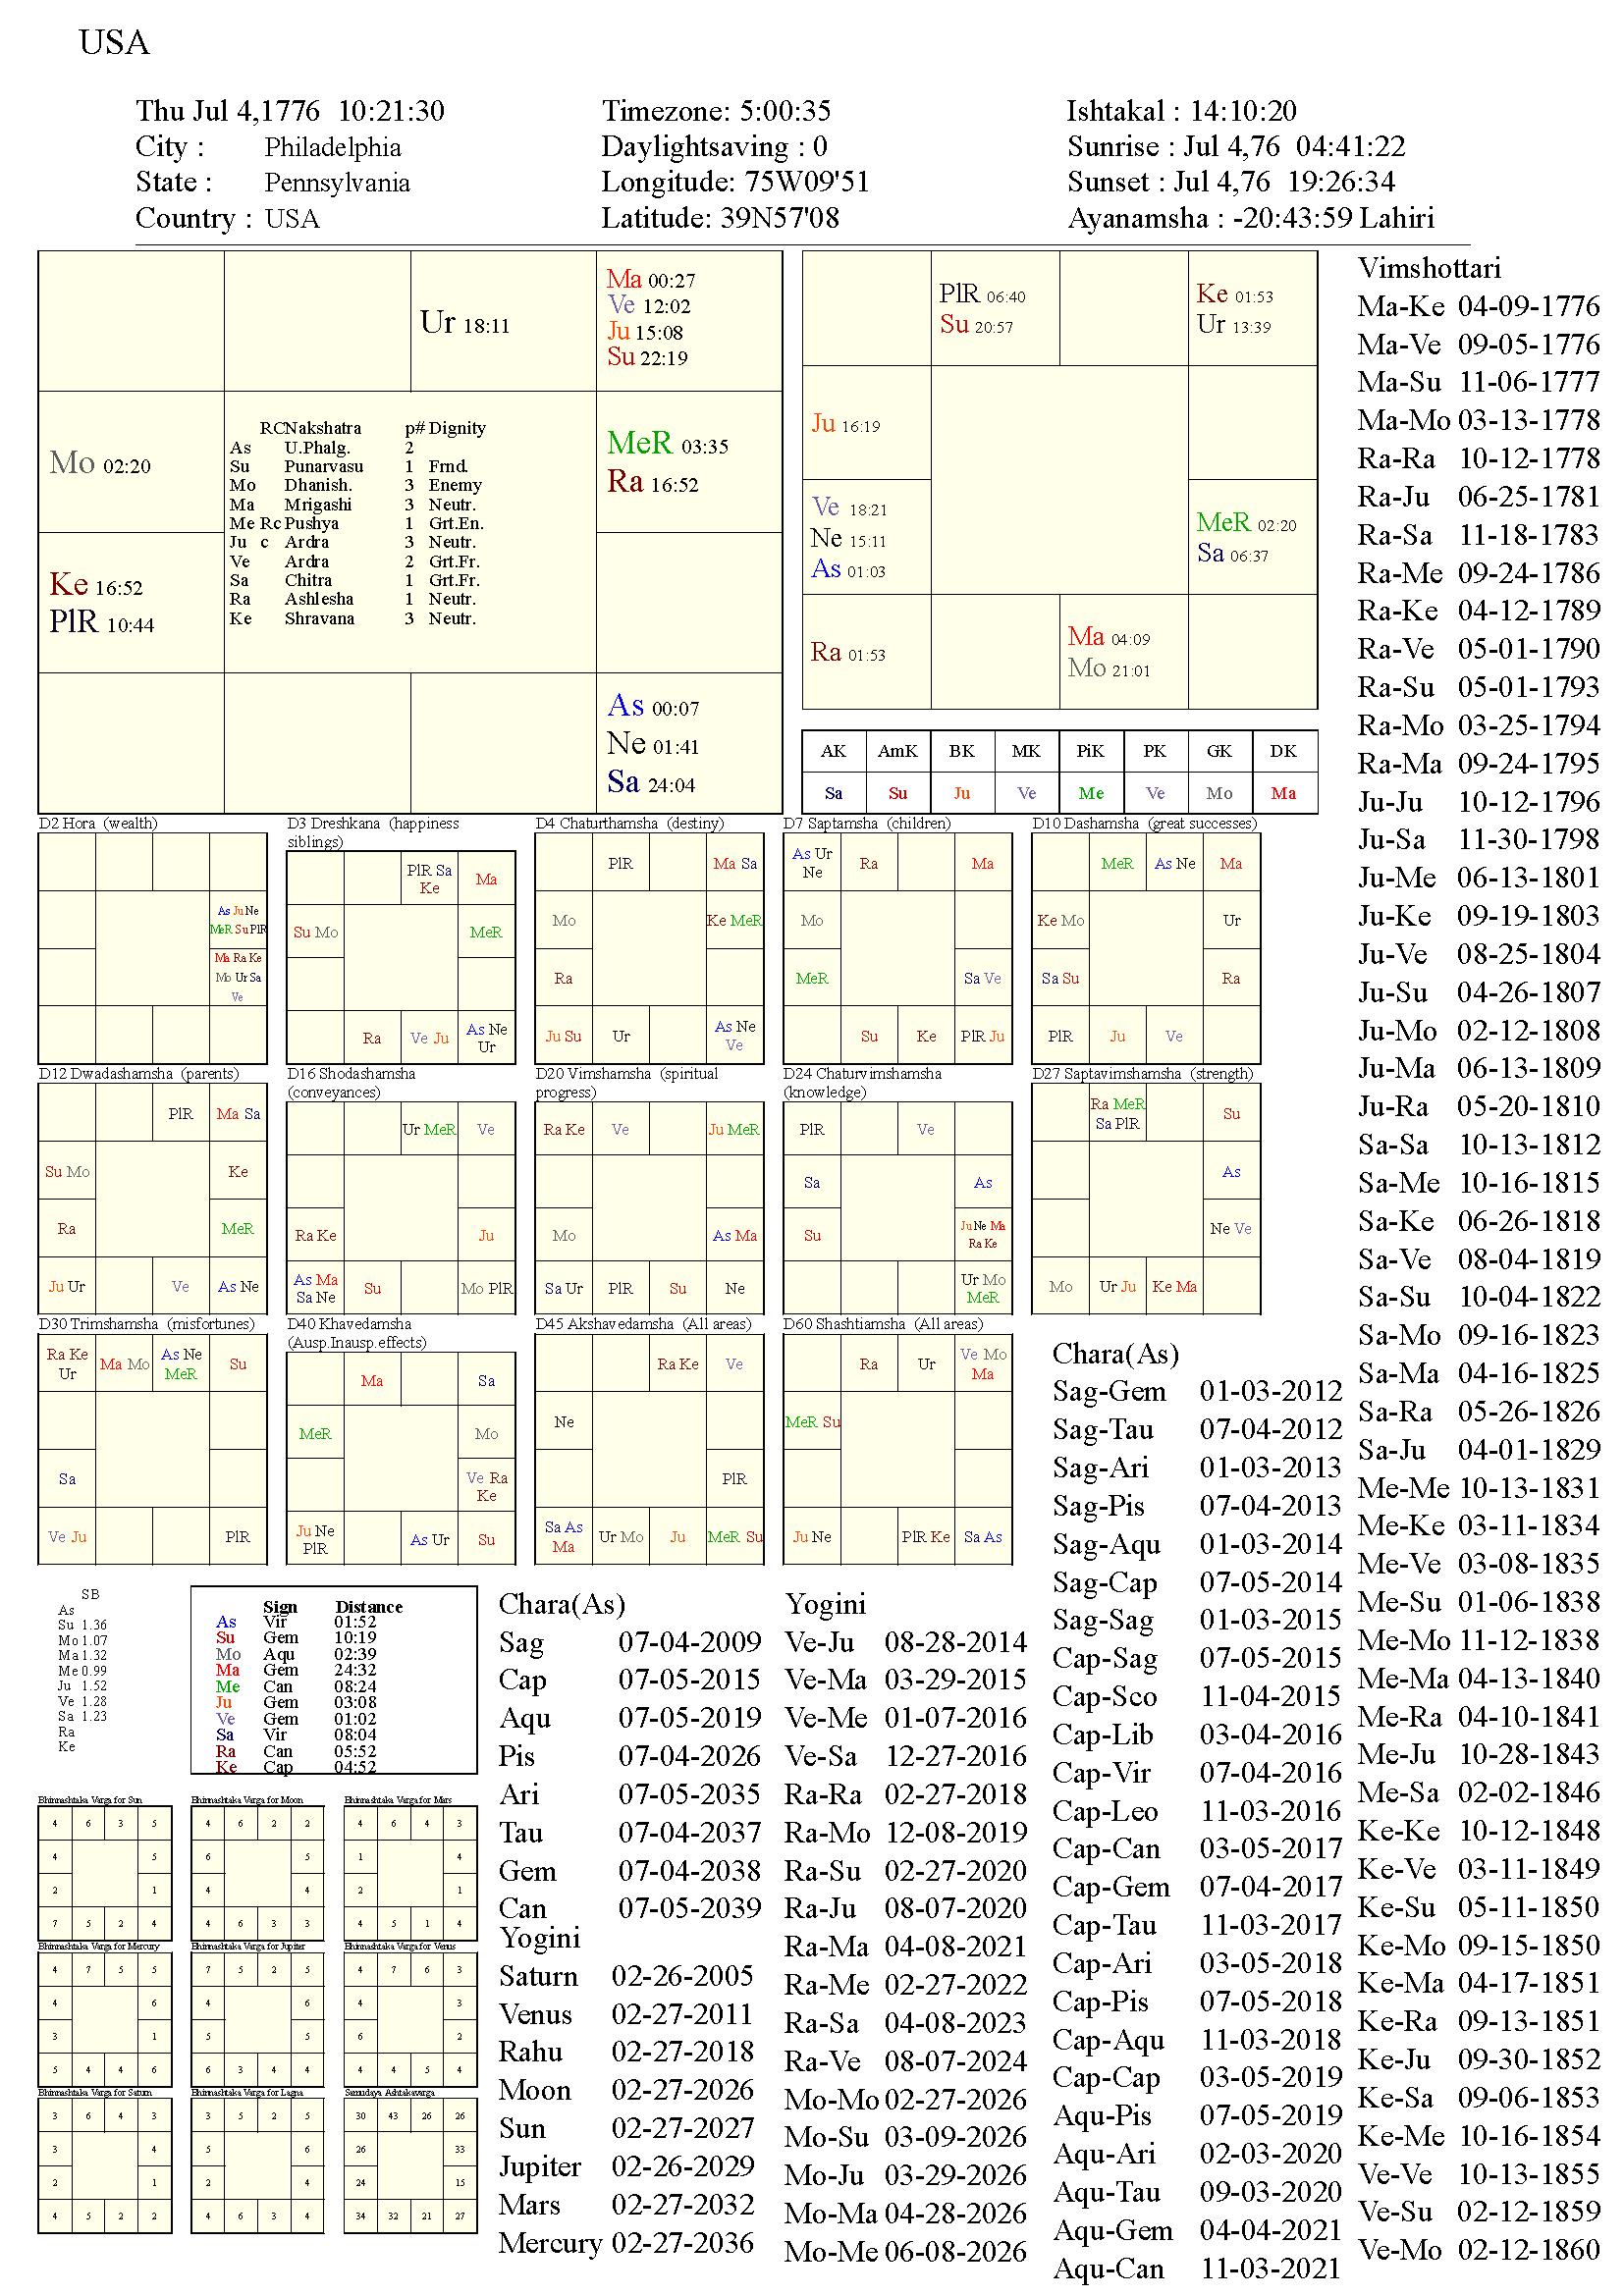 USA_chart2